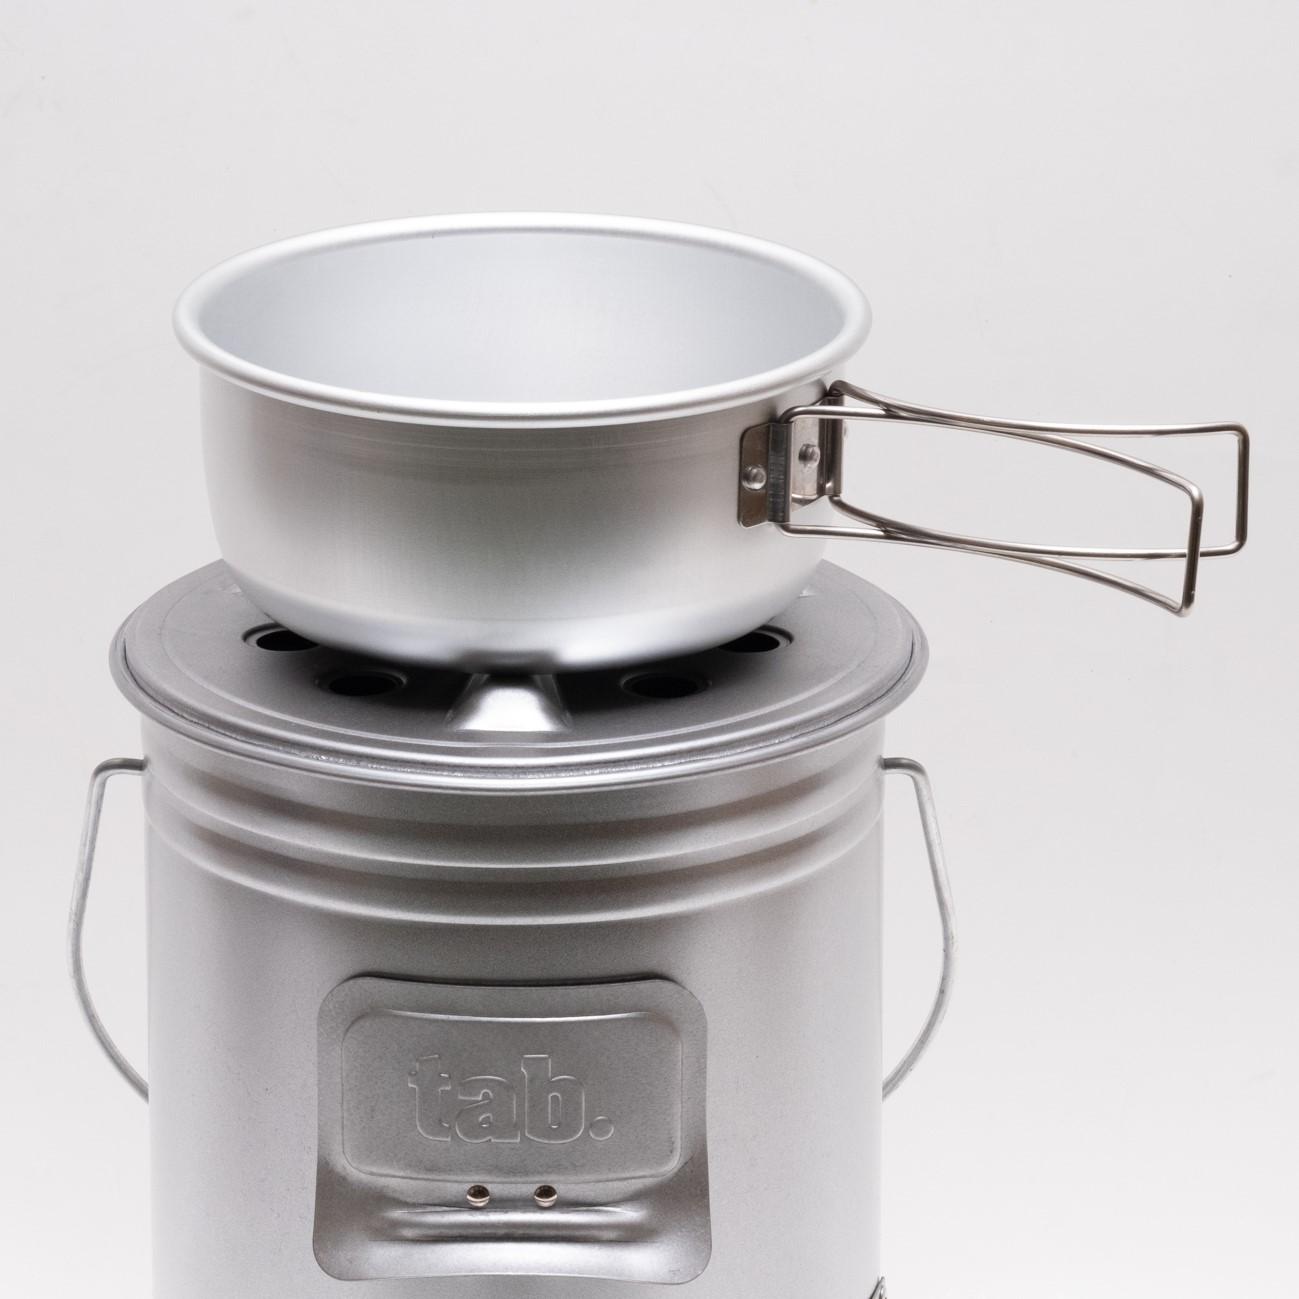 缶ストーブの蓋が五徳になるのでそのまま調理も可